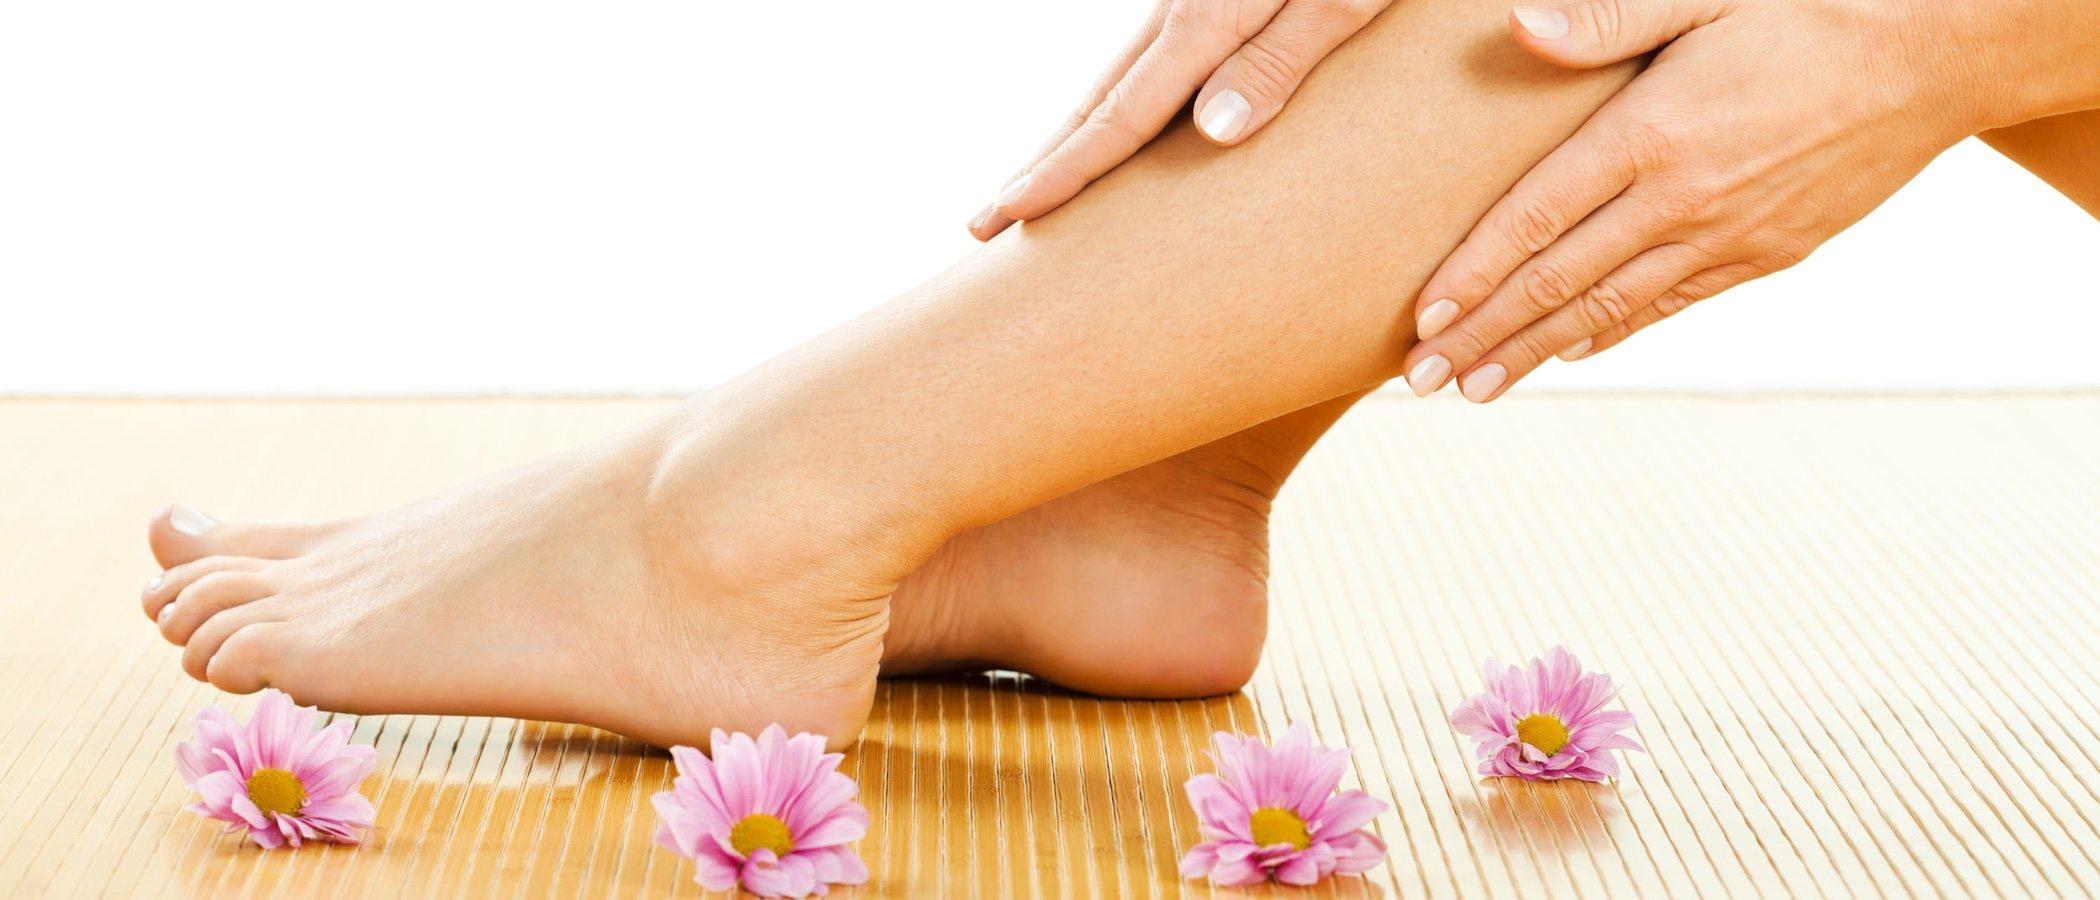 Cómo aplicar el maquillaje para piernas